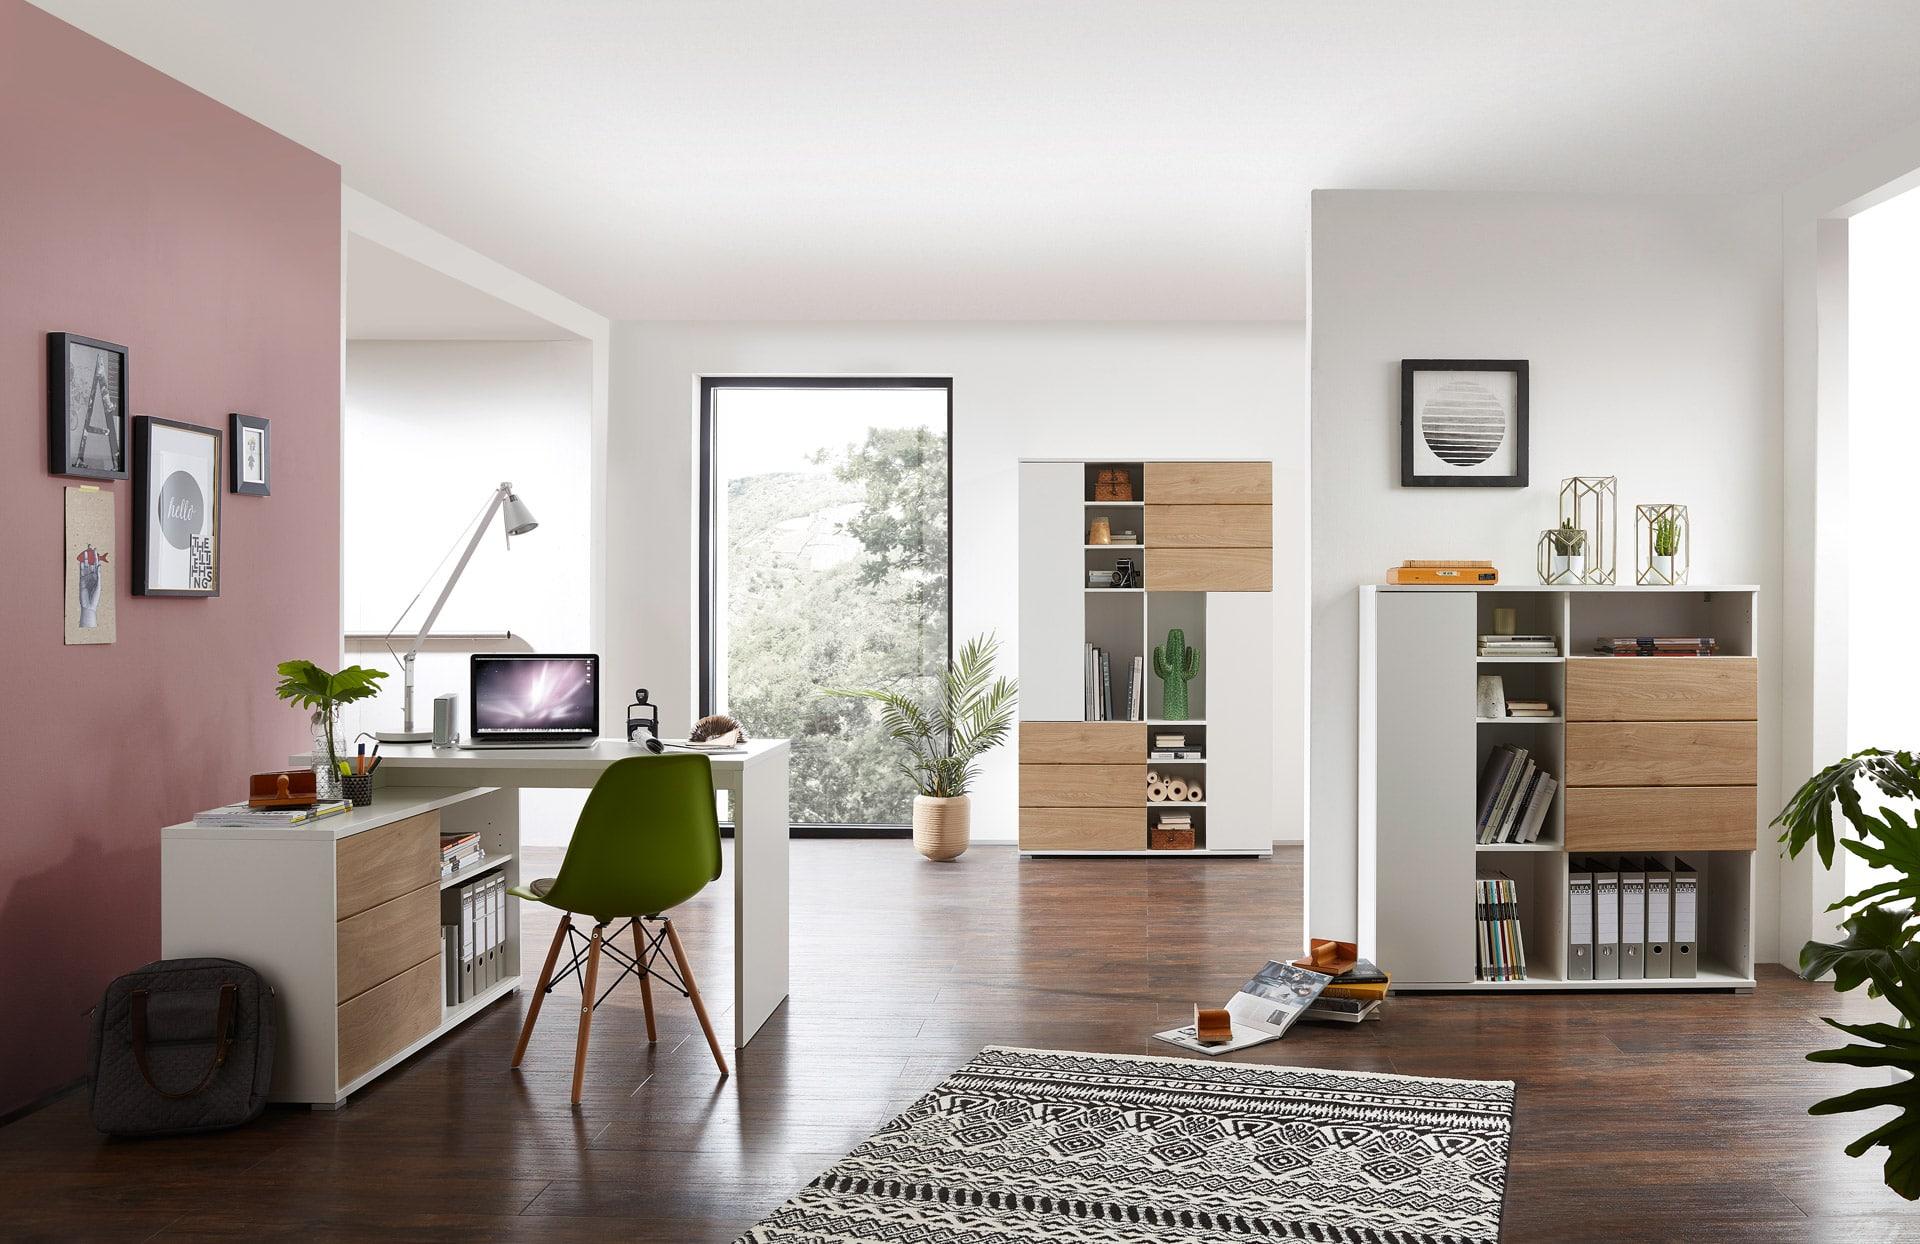 Bureau Secretaire Petit Espace aménager un espace de travail facilement - deladeco.fr